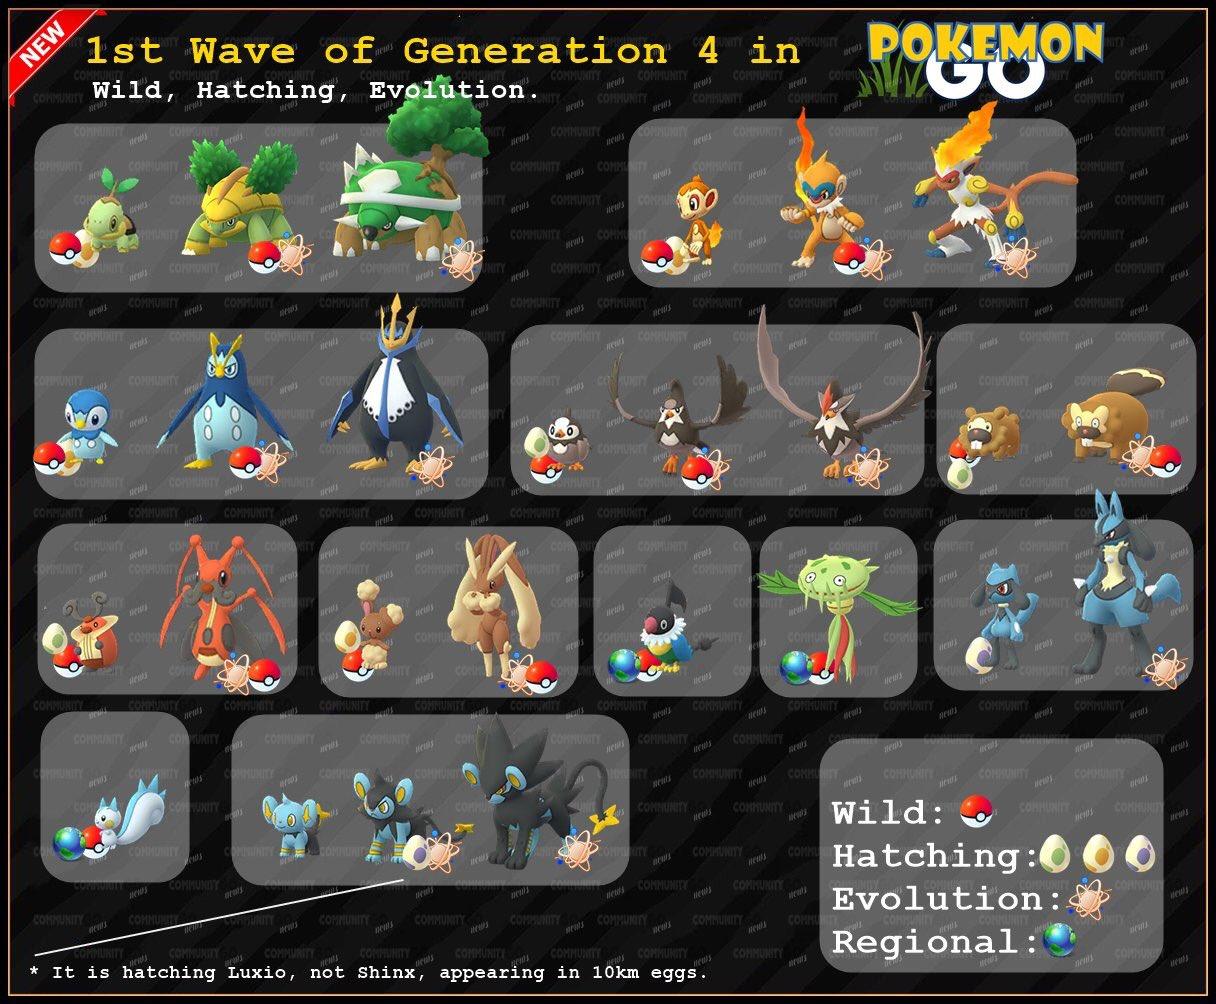 Pokemon Gen 4 Gelombang Pertama Infografis.